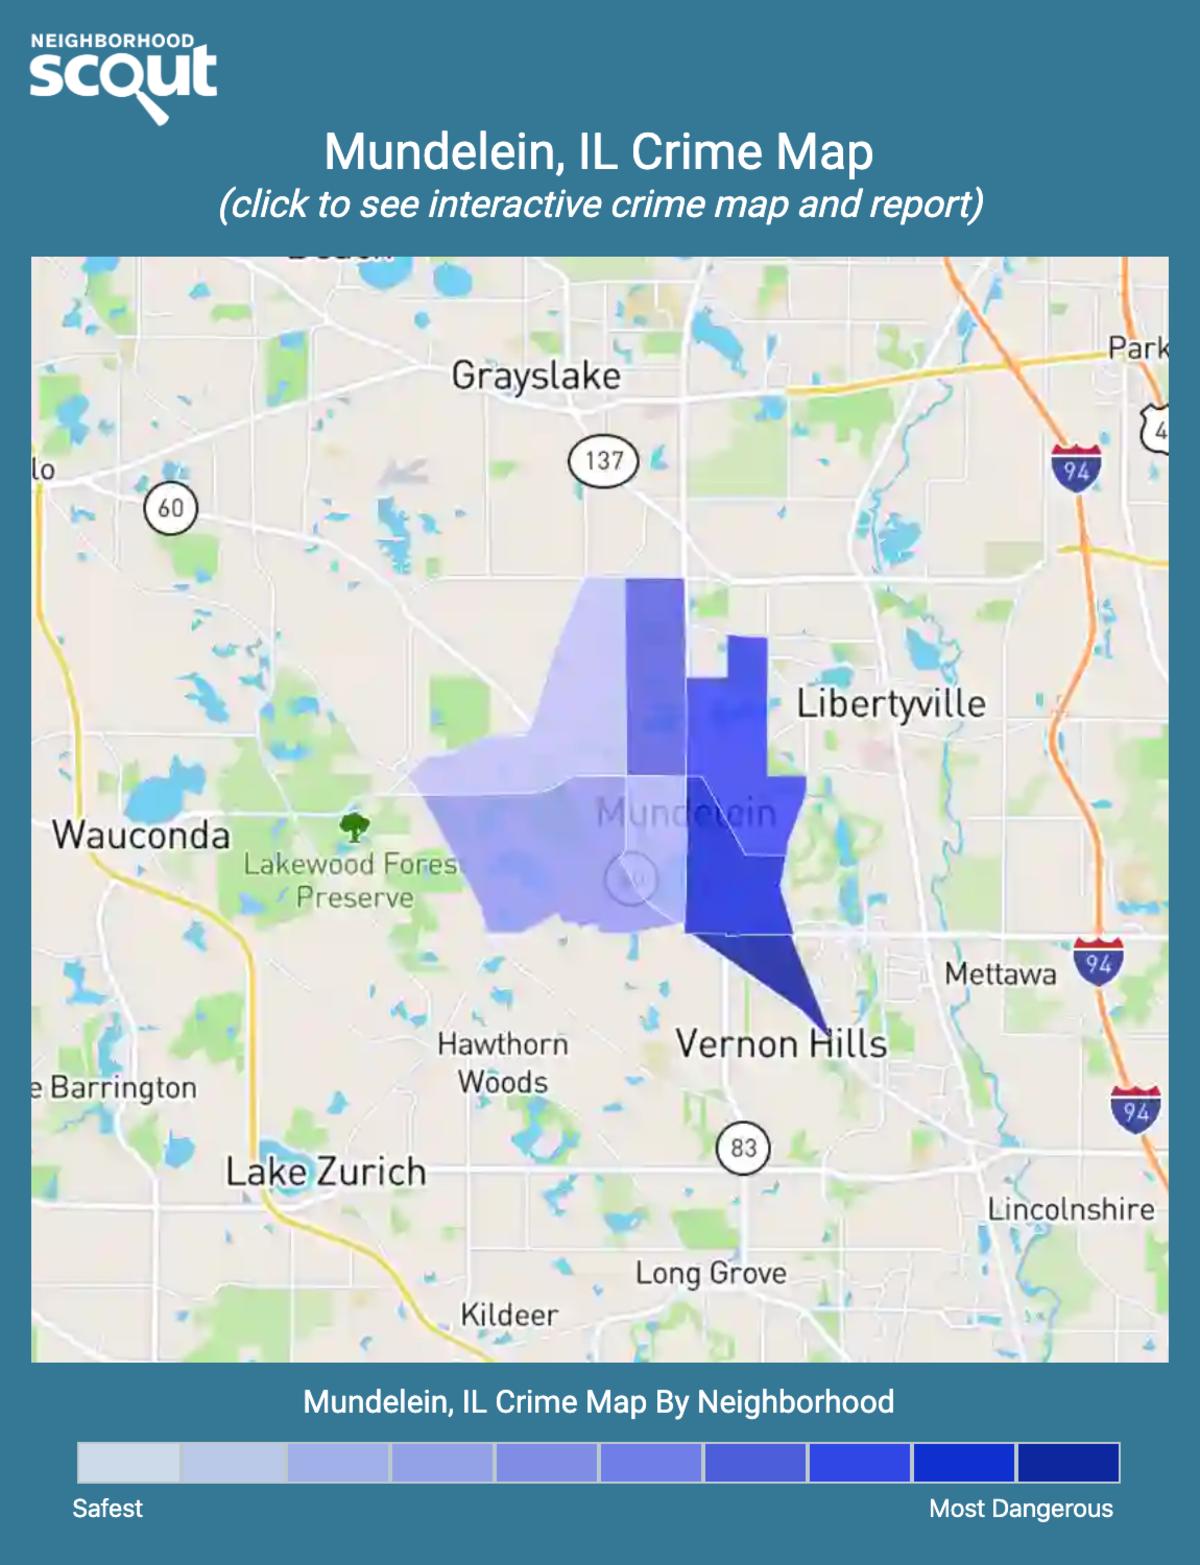 Mundelein, Illinois crime map